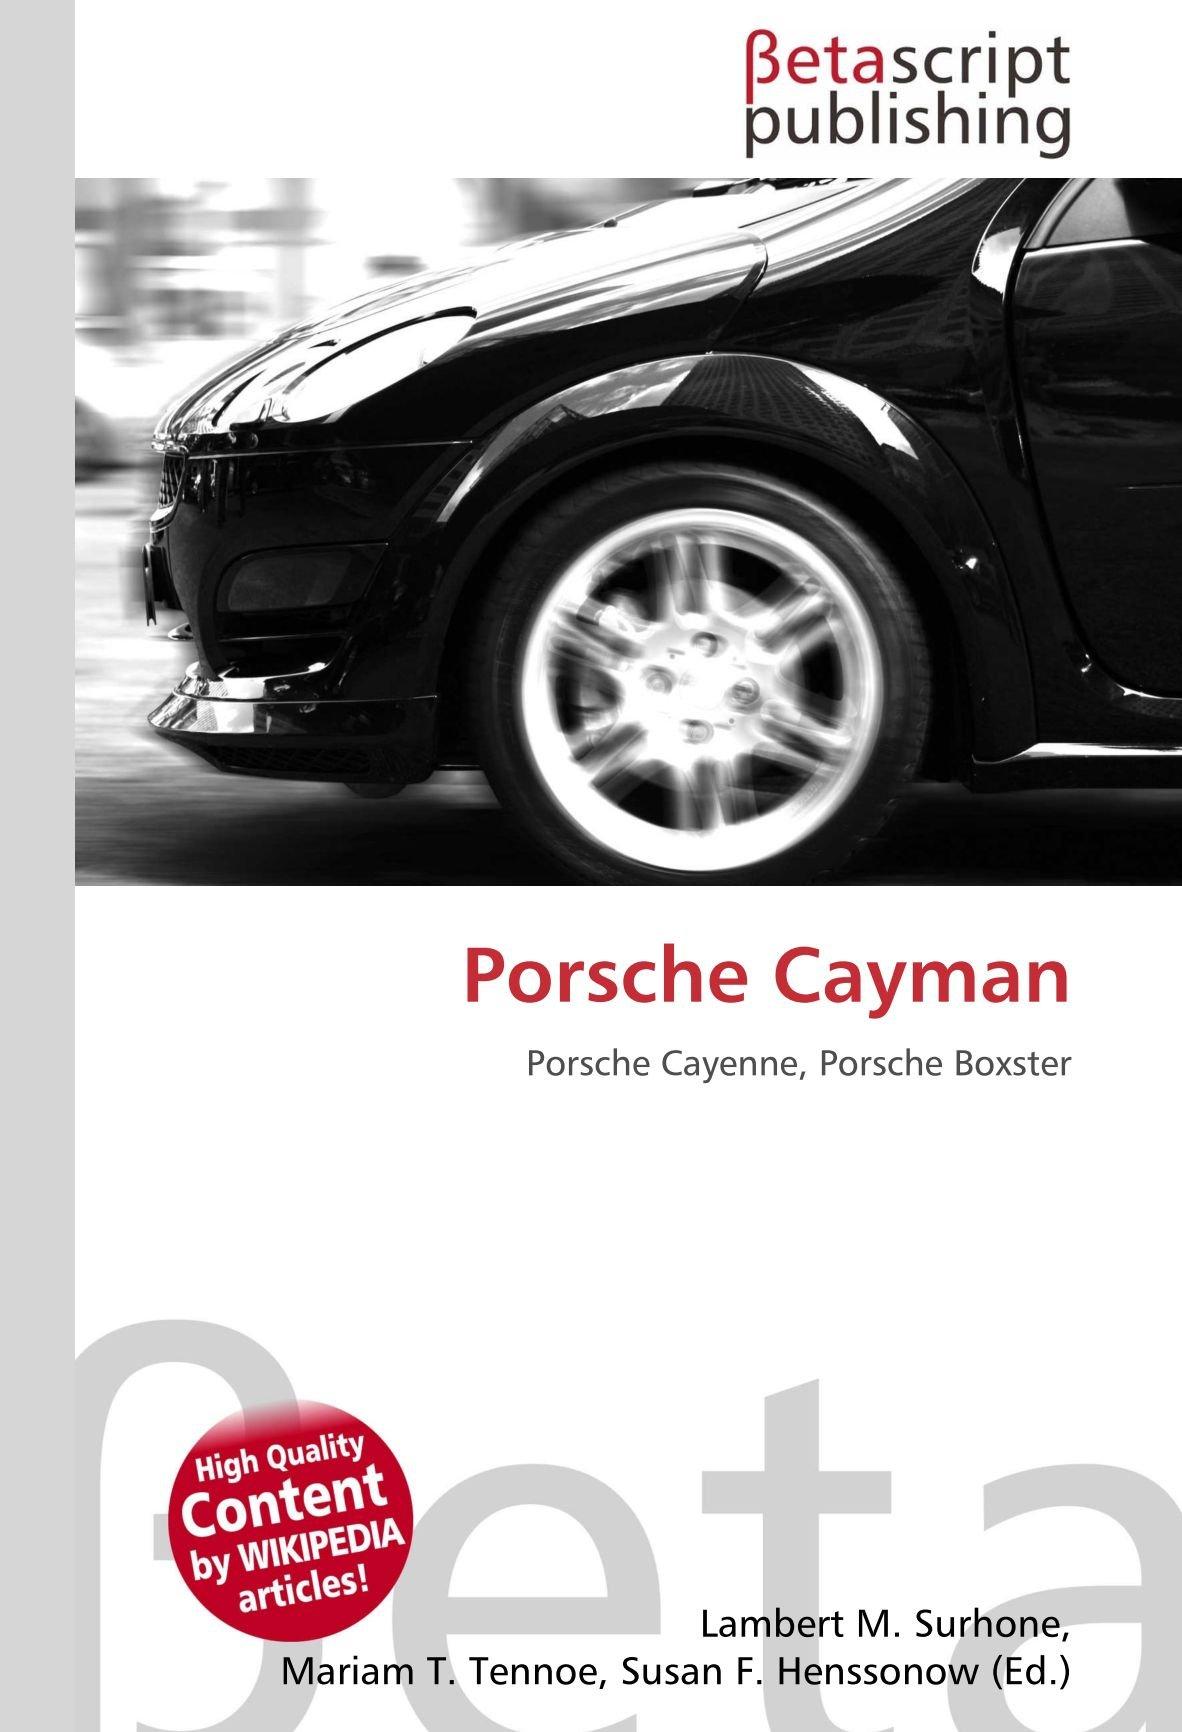 Porsche Cayman: Porsche Cayenne, Porsche Boxster: Amazon.es: Lambert M. Surhone, Miriam T. Timpledon, Susan F. Marseken: Libros en idiomas extranjeros